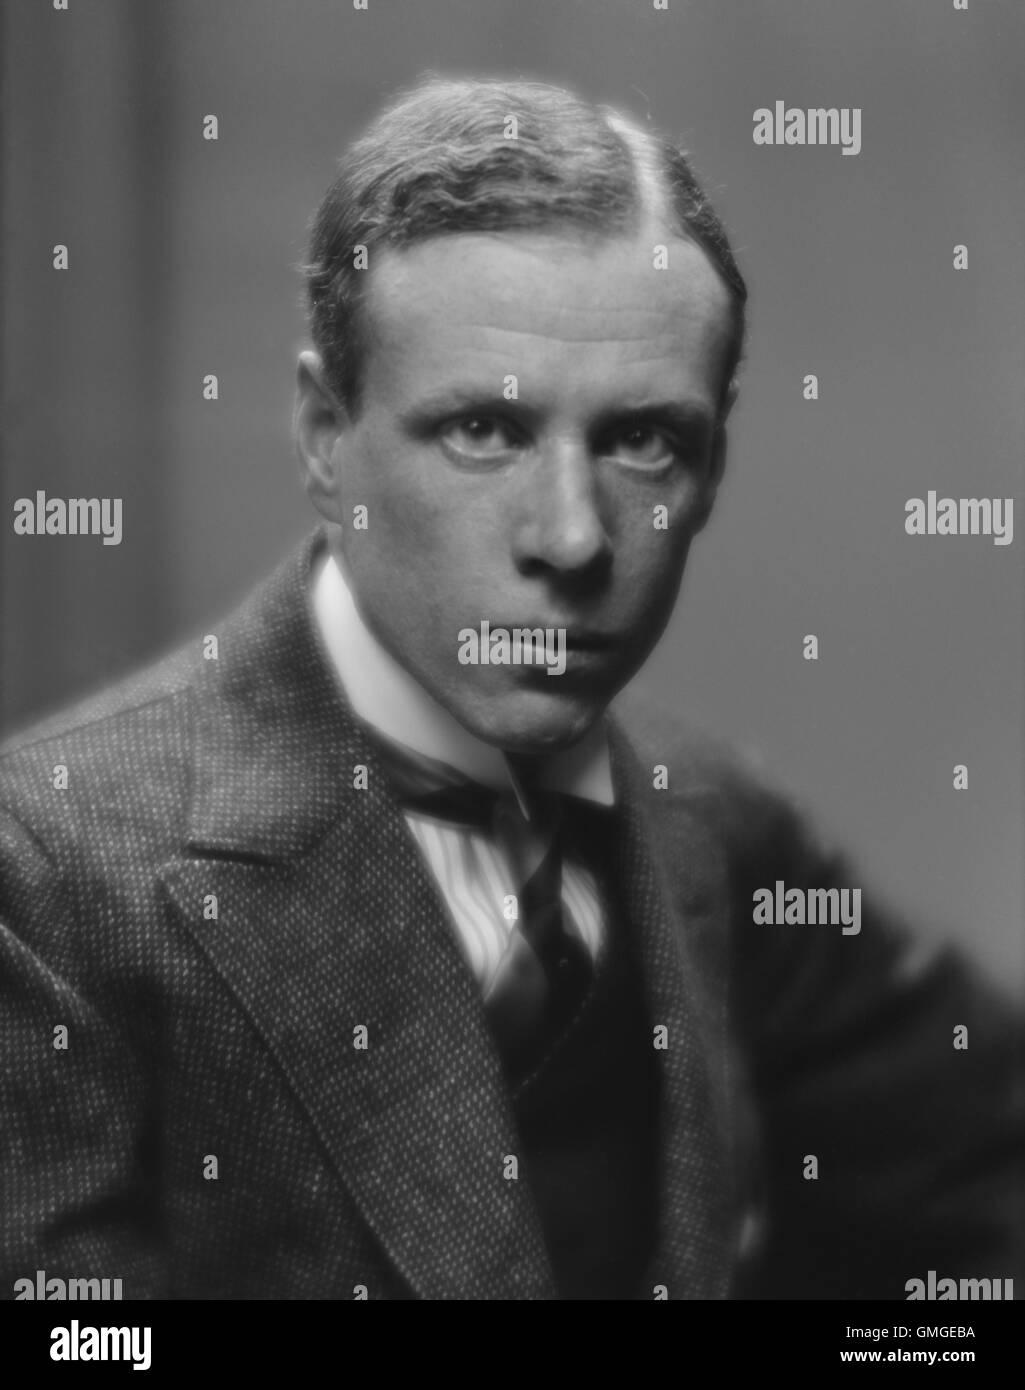 Lewis, Sinclair, dont les romans réalistes du 1920-30s étaient critiques du capitalisme américain. Photo Stock